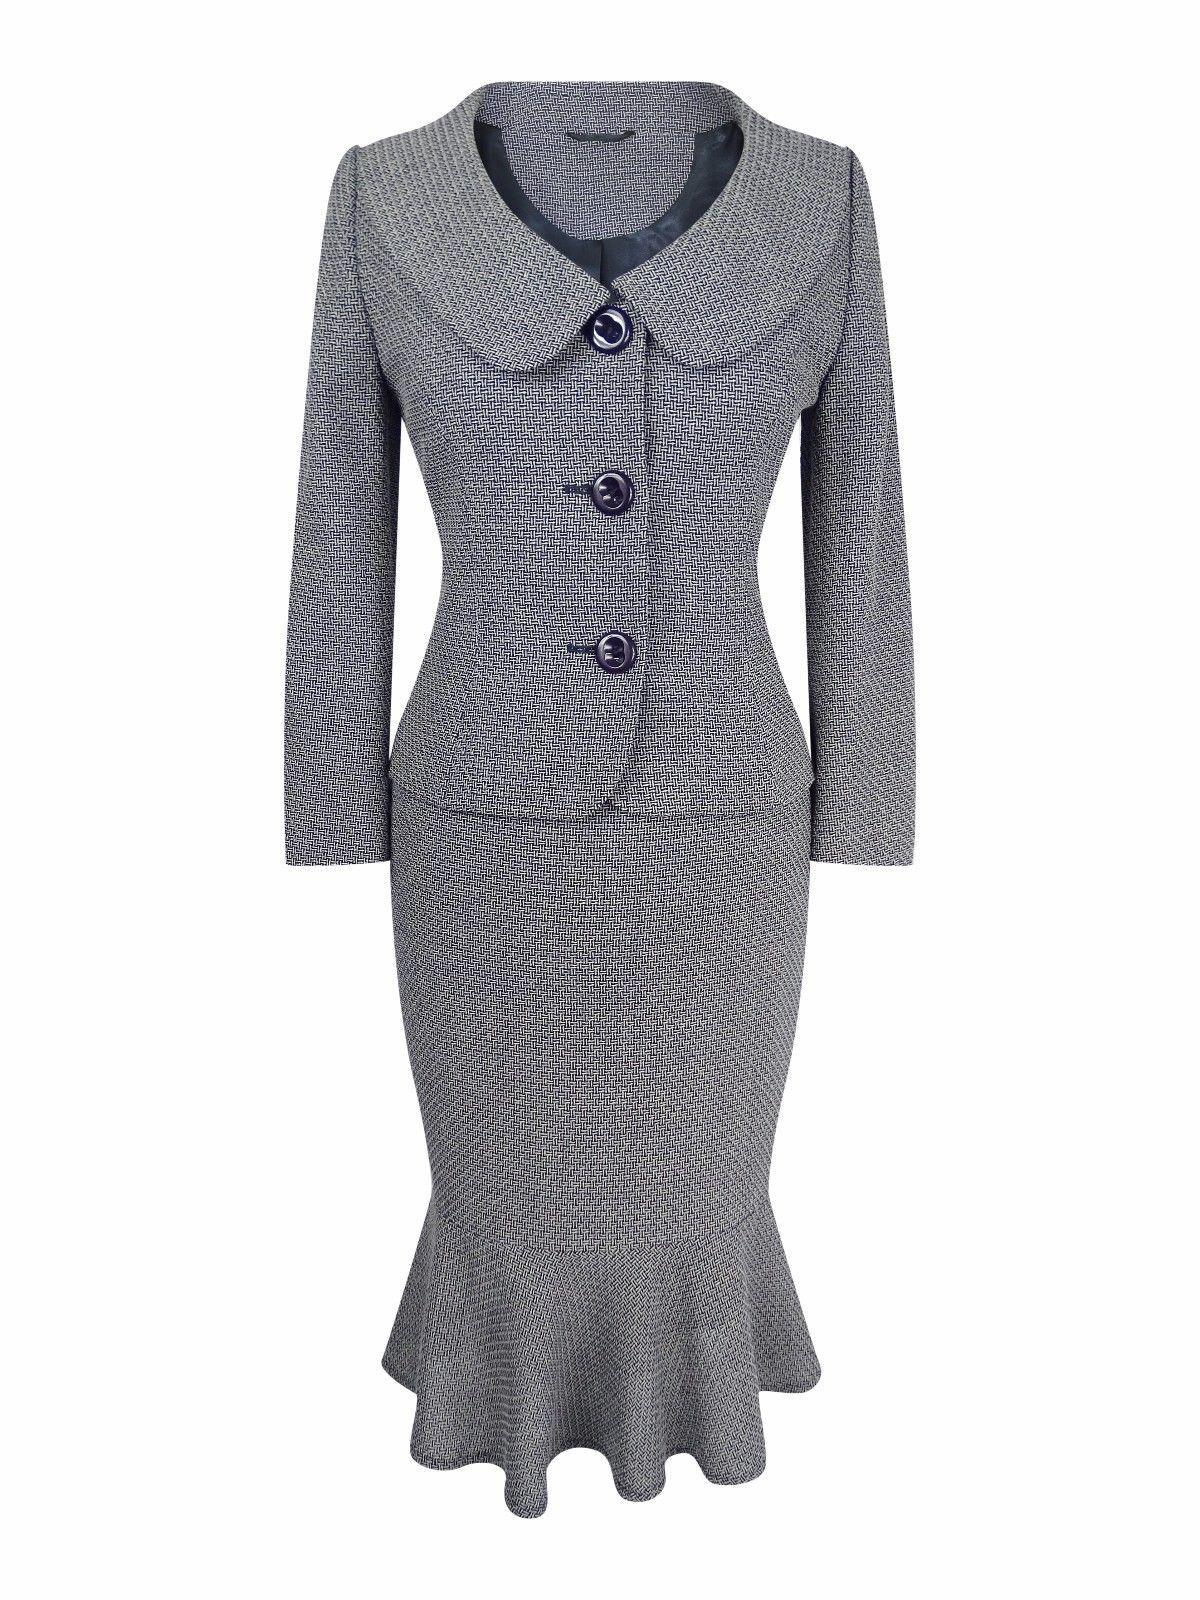 HOBBS GREY BLACK WOOL LEOPARD SKIRT SUIT SIZE UK14 US10 EU42 AU12 WOMEN LADIES